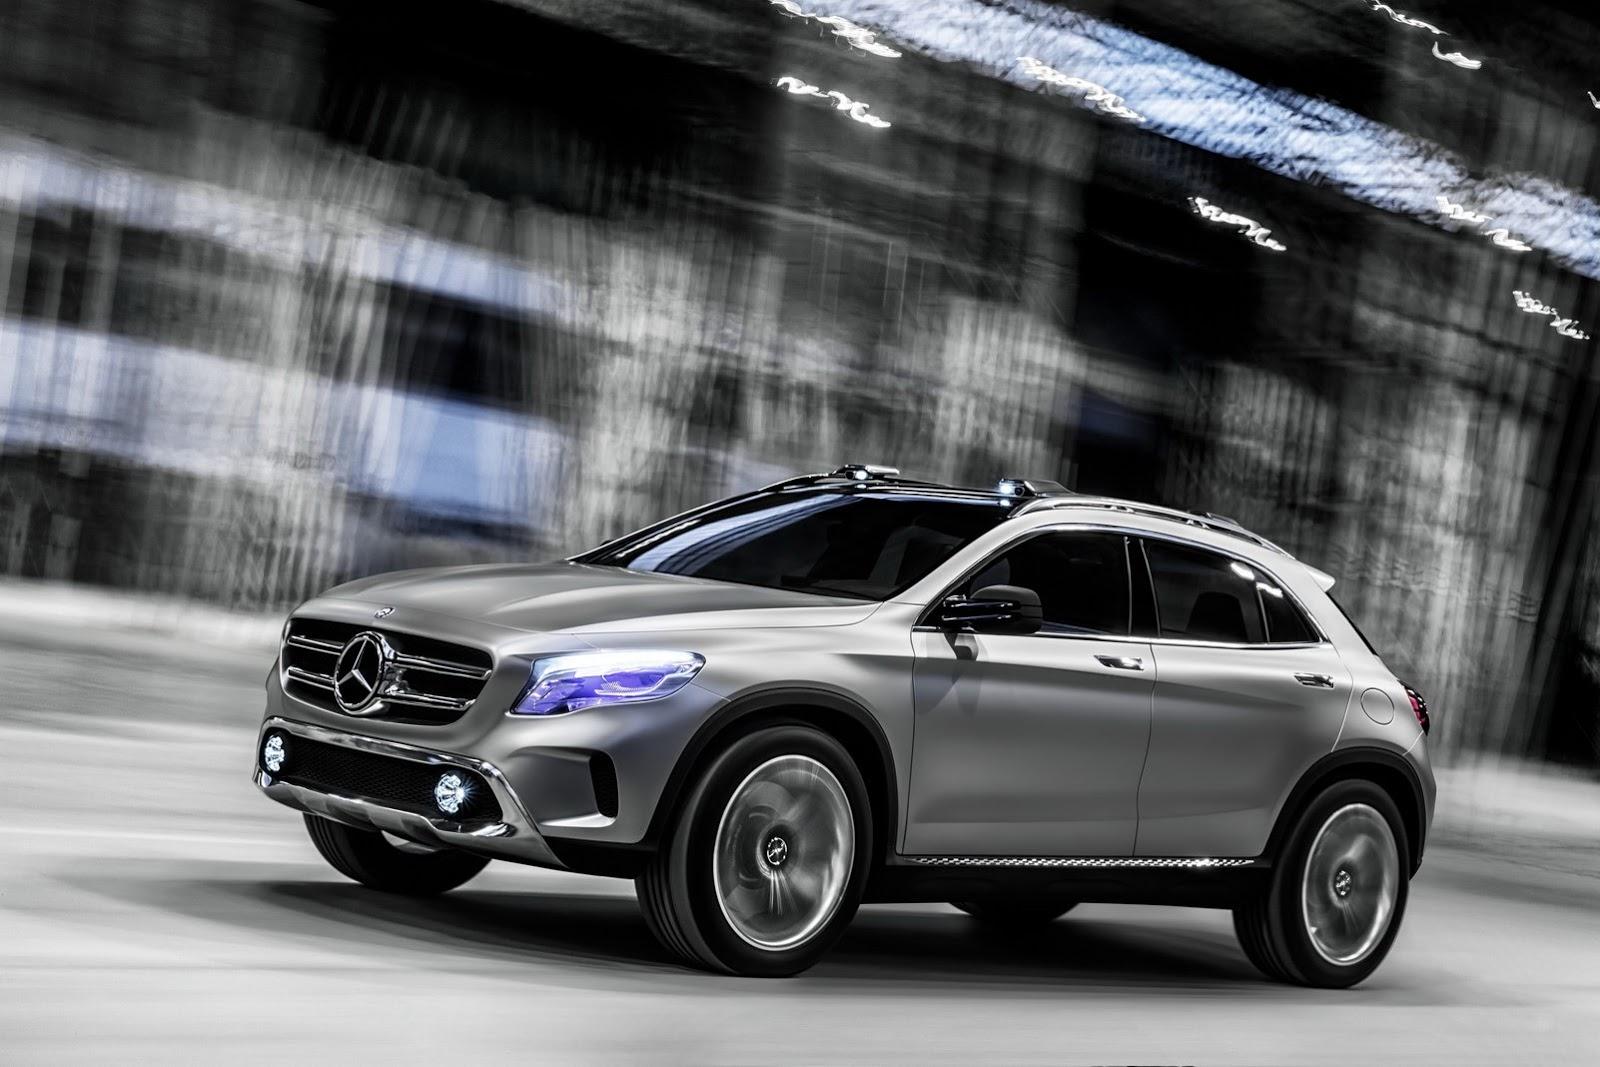 Fotografia de mercedes benz gla 28 autoblog for Mercedes benz pt